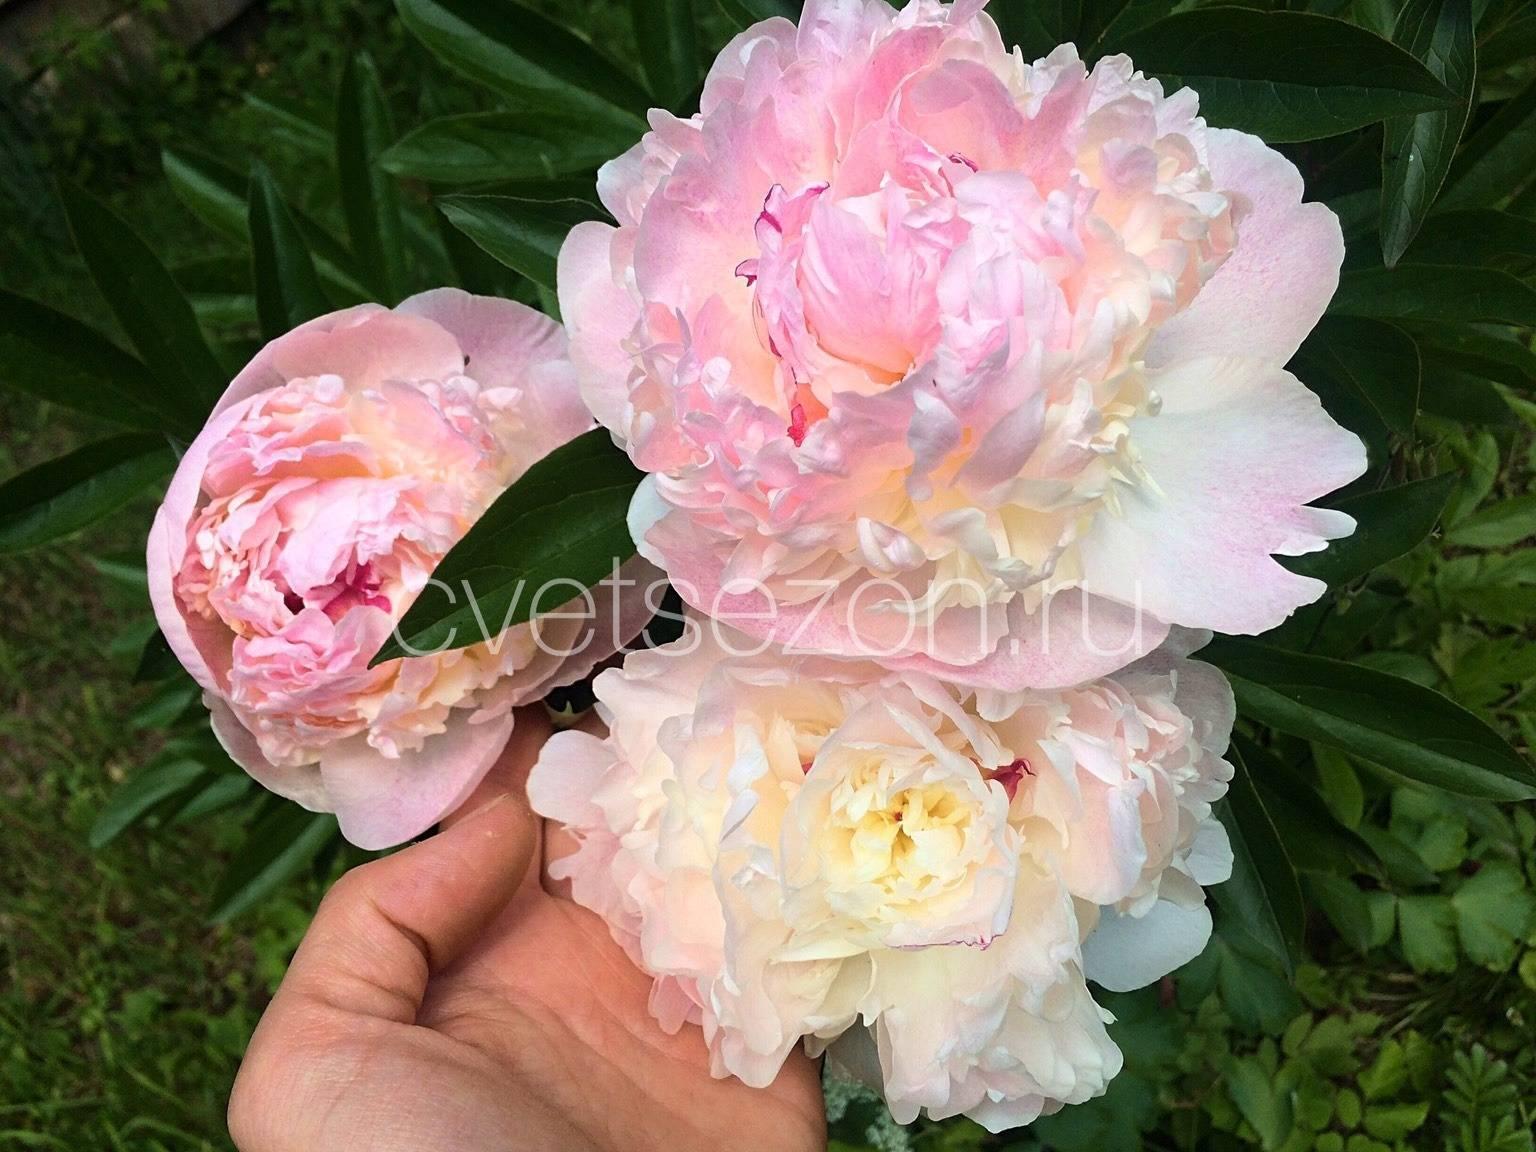 Пион «распберри» (30 фото): характеристика сорта, особенности пионов «сандей» и «роуз», «айс», «чарм» и других разновидностей. тонкости посадки, выращивания и ухода